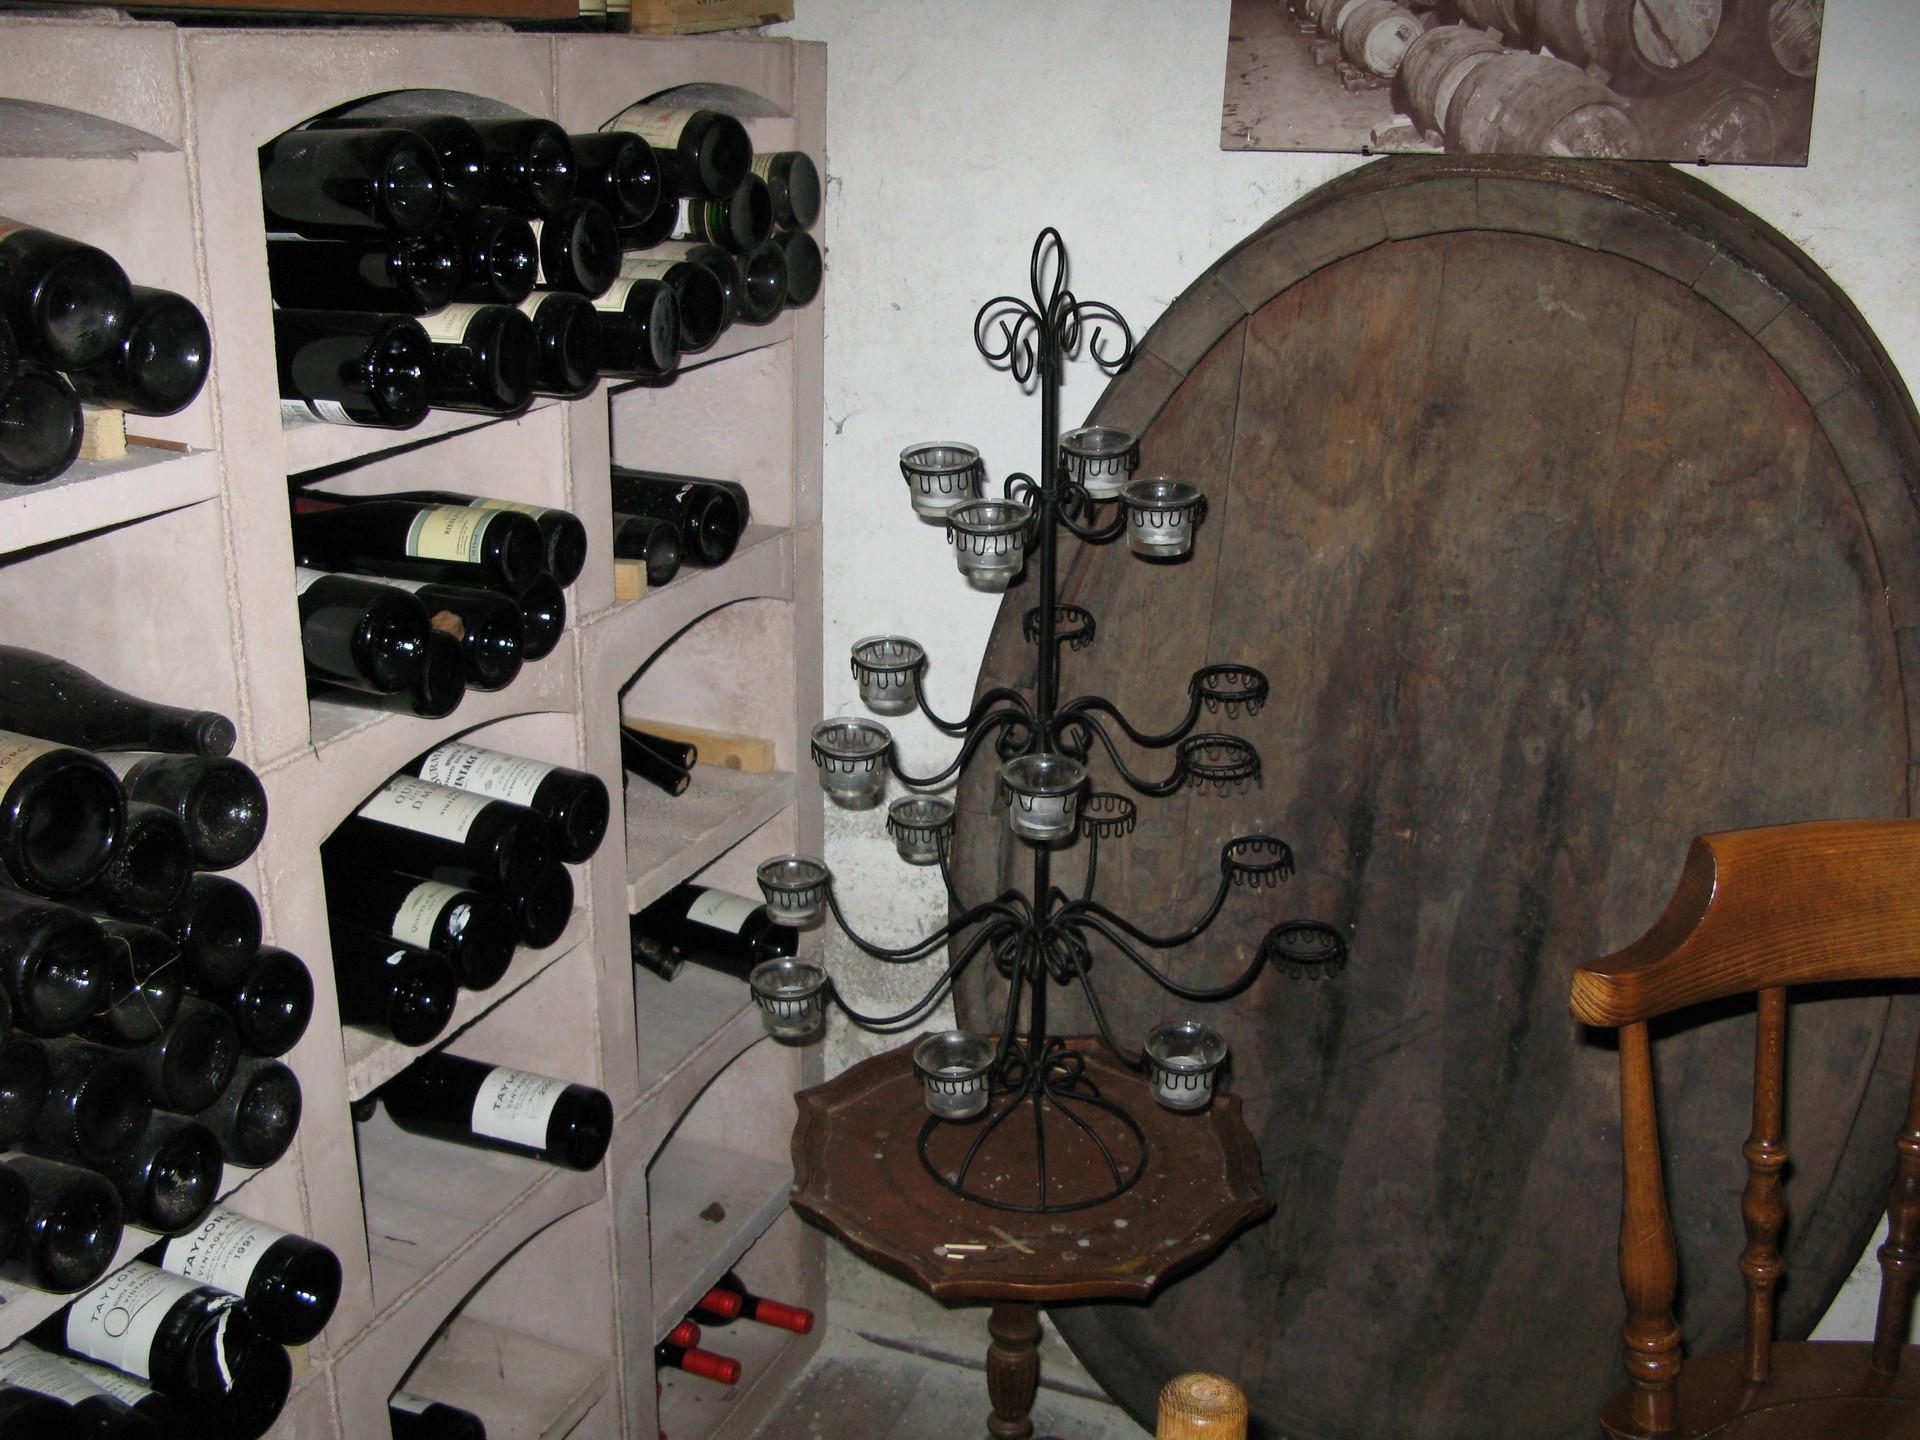 De wijnkelder  - cursuslokaal - proeflokaal